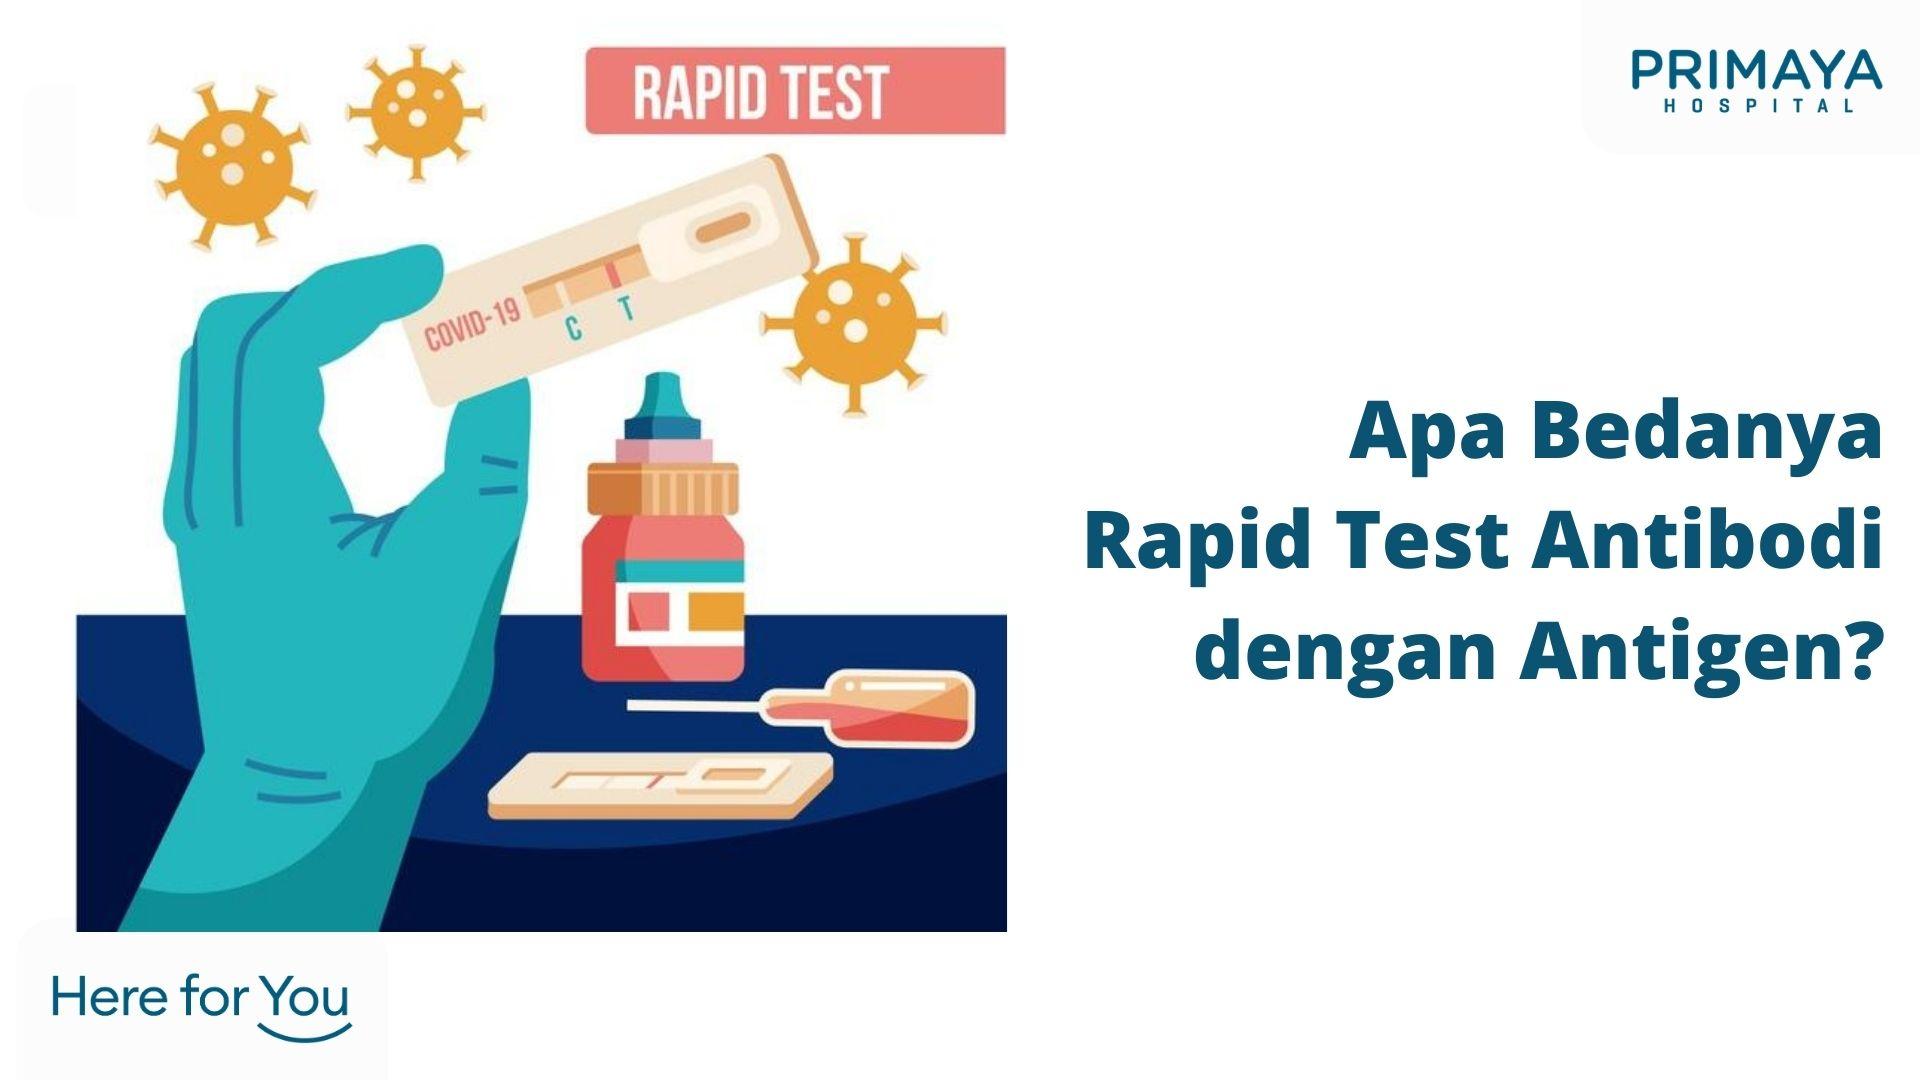 Apa Bedanya Rapid Test Antibodi dengan Antigen_